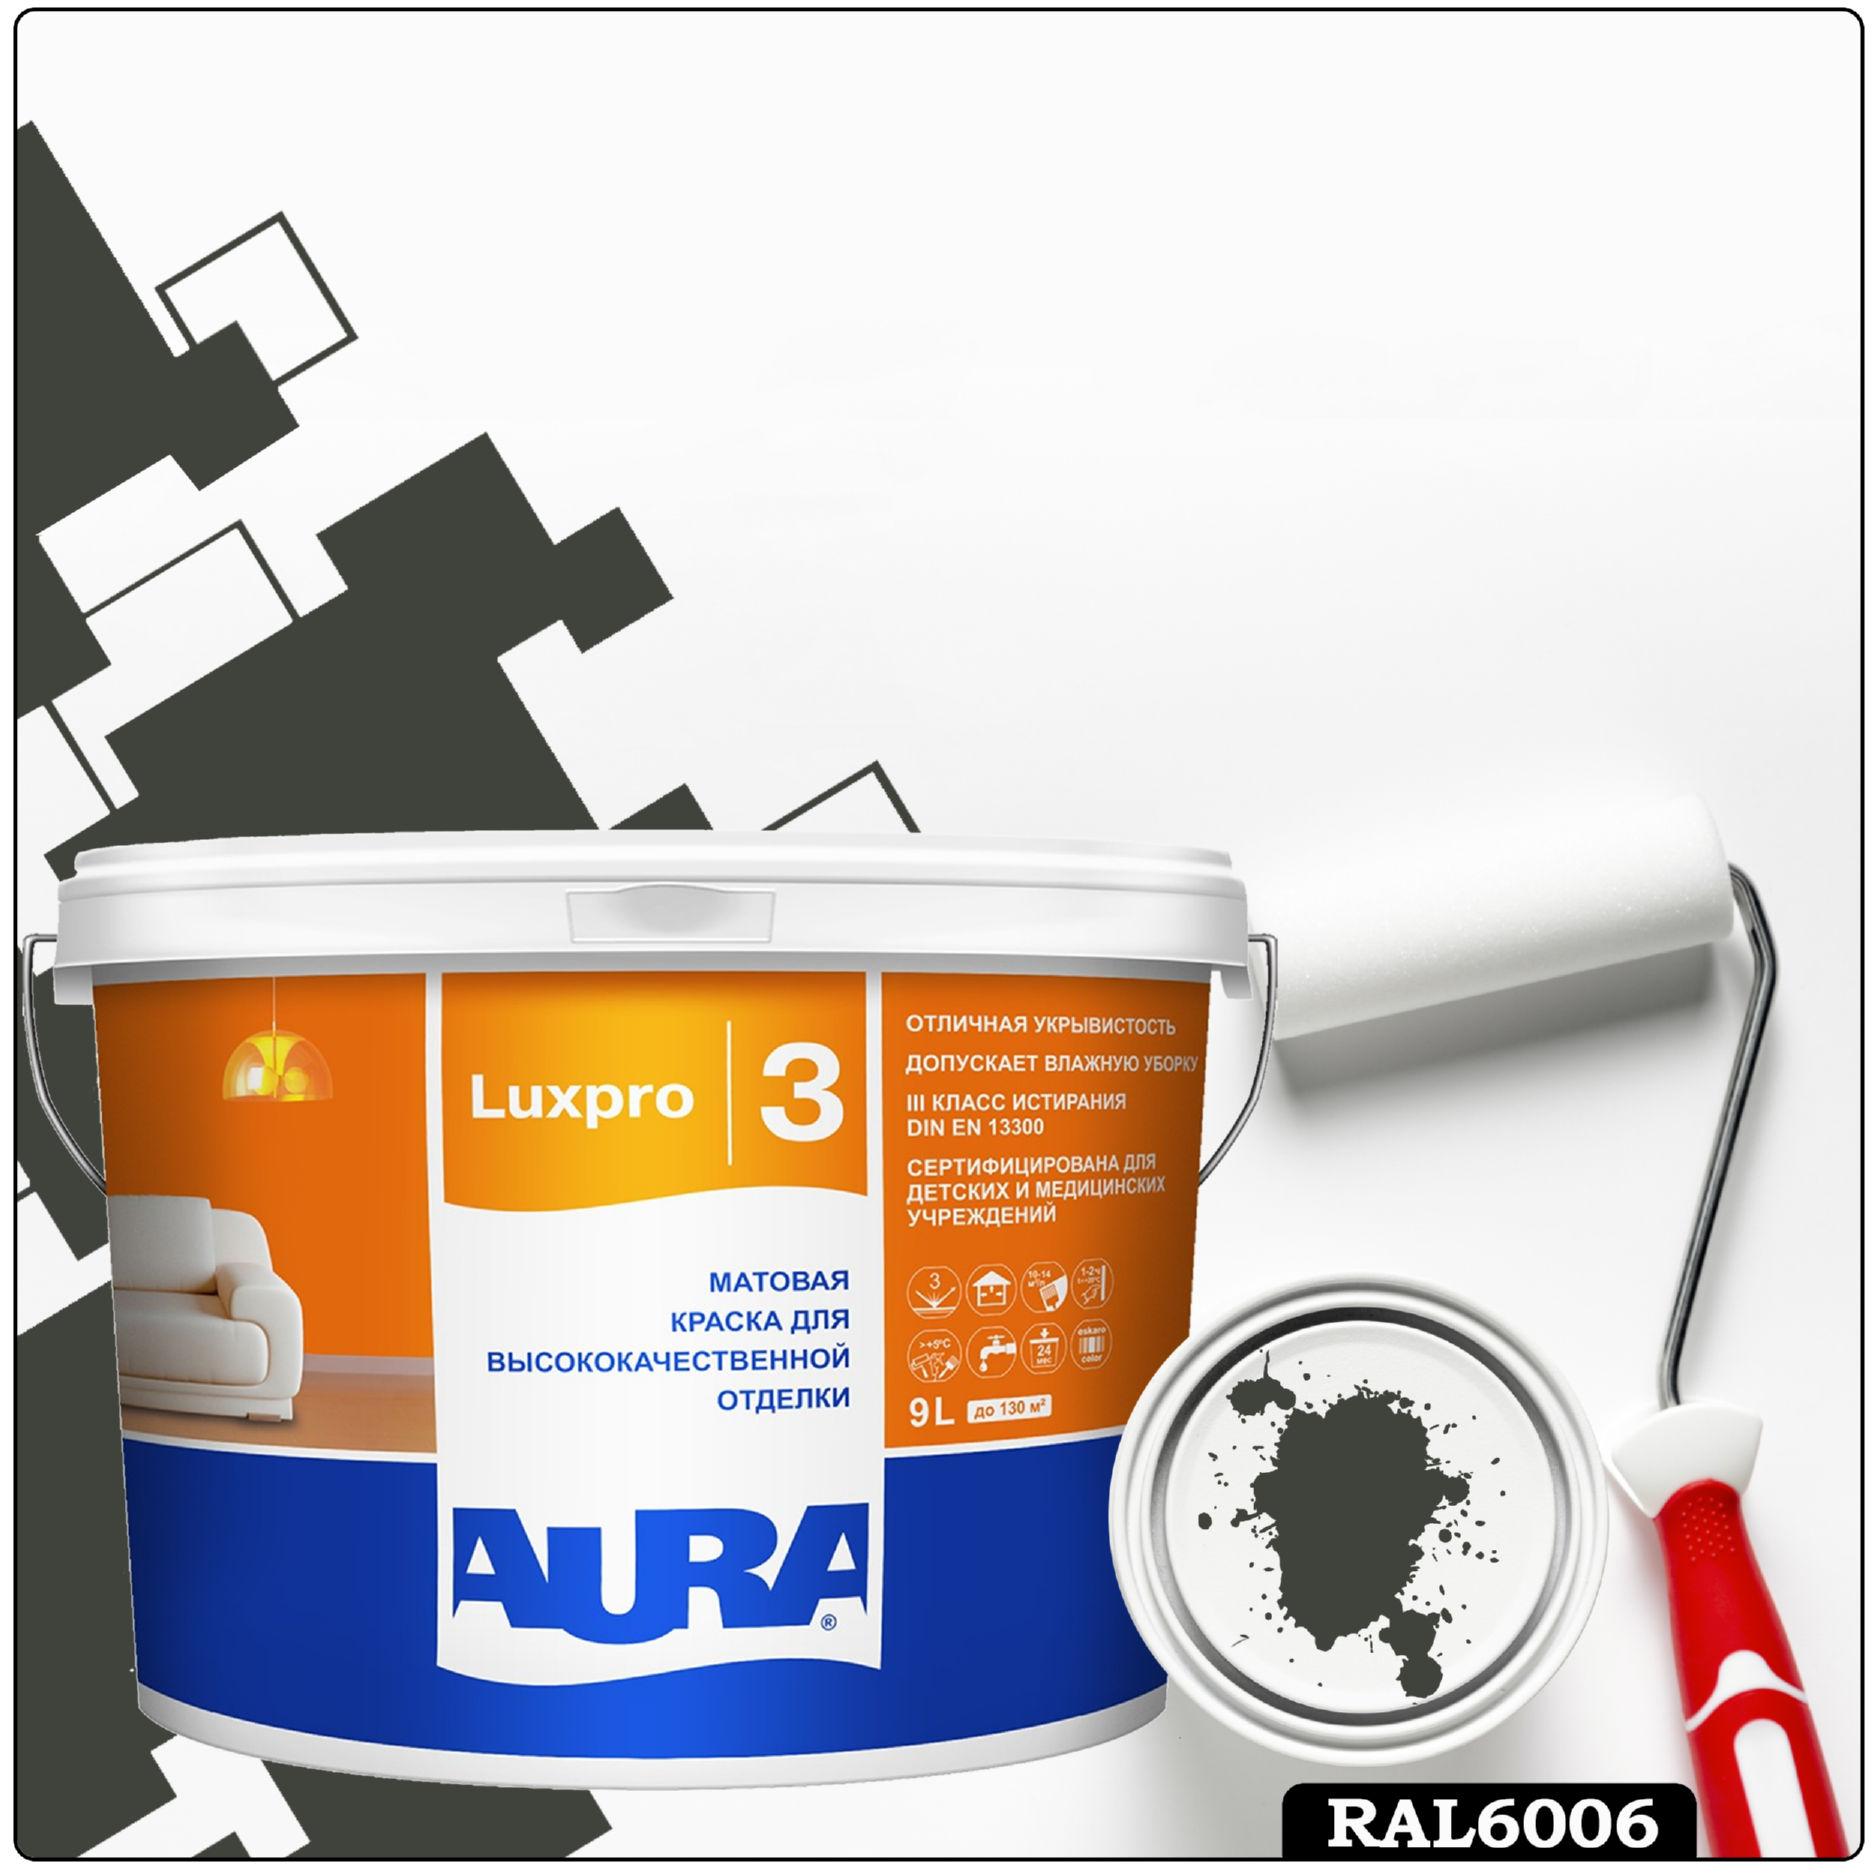 Фото 7 - Краска Aura LuxPRO 3, RAL 6006 Серо-оливковый, латексная, шелково-матовая, интерьерная, 9л, Аура.